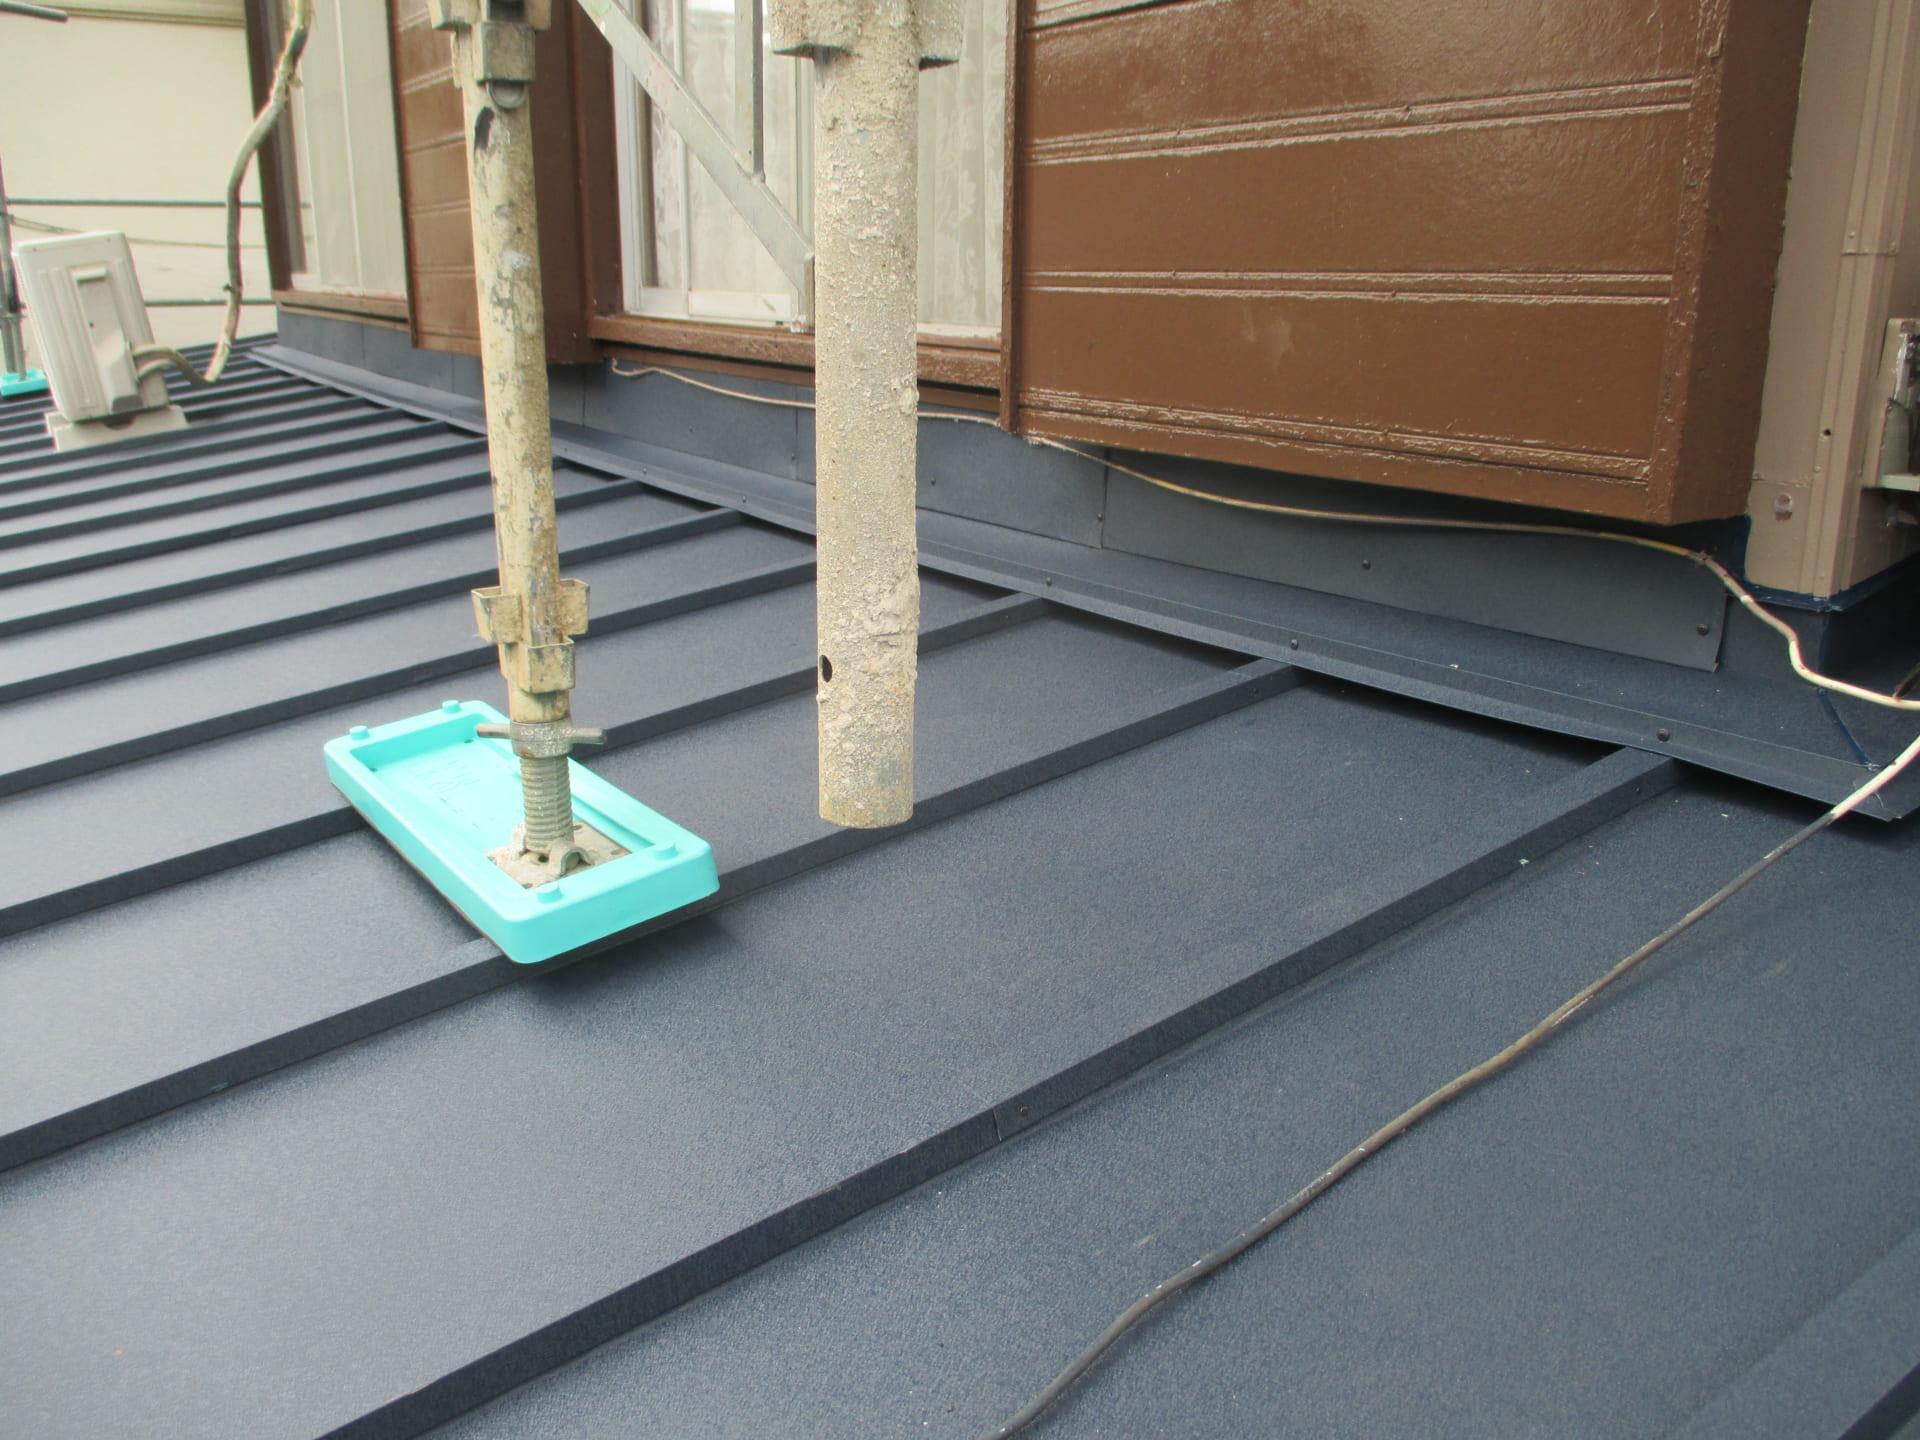 12.松戸市の雨漏り屋根修理 完成